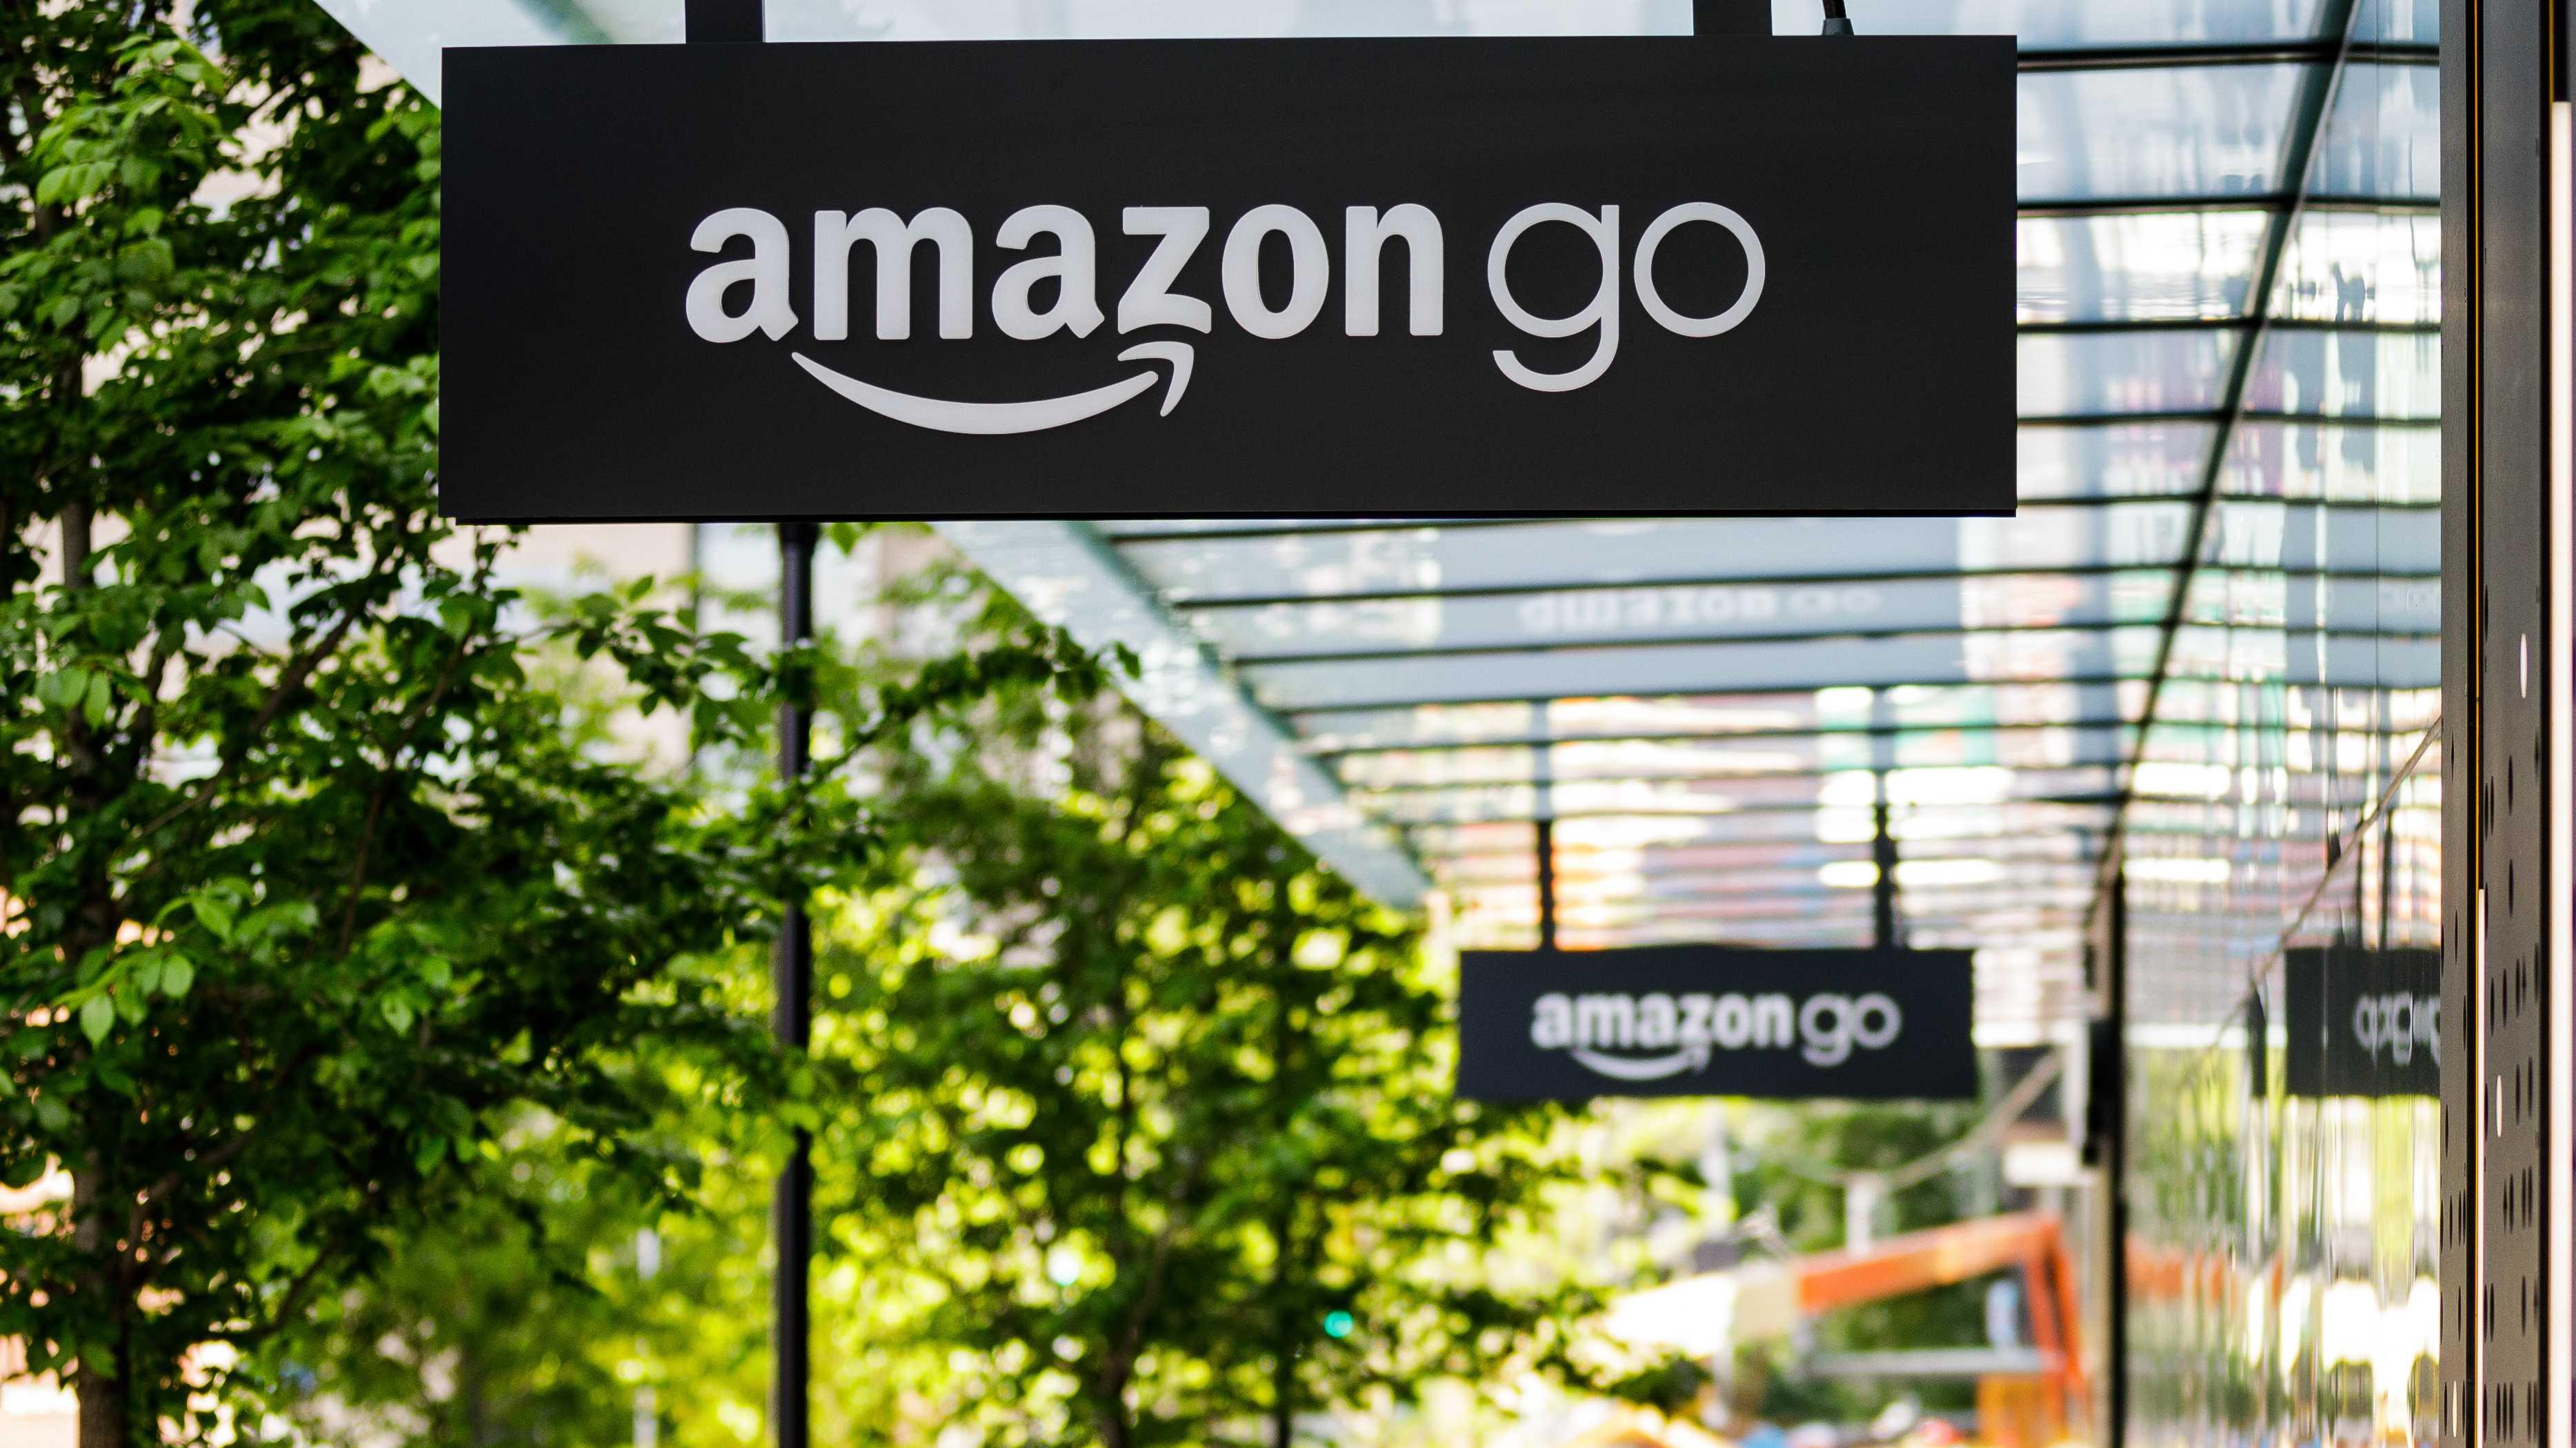 Amazon eröffnet ersten Amazon-Go-Laden im Kioskformat